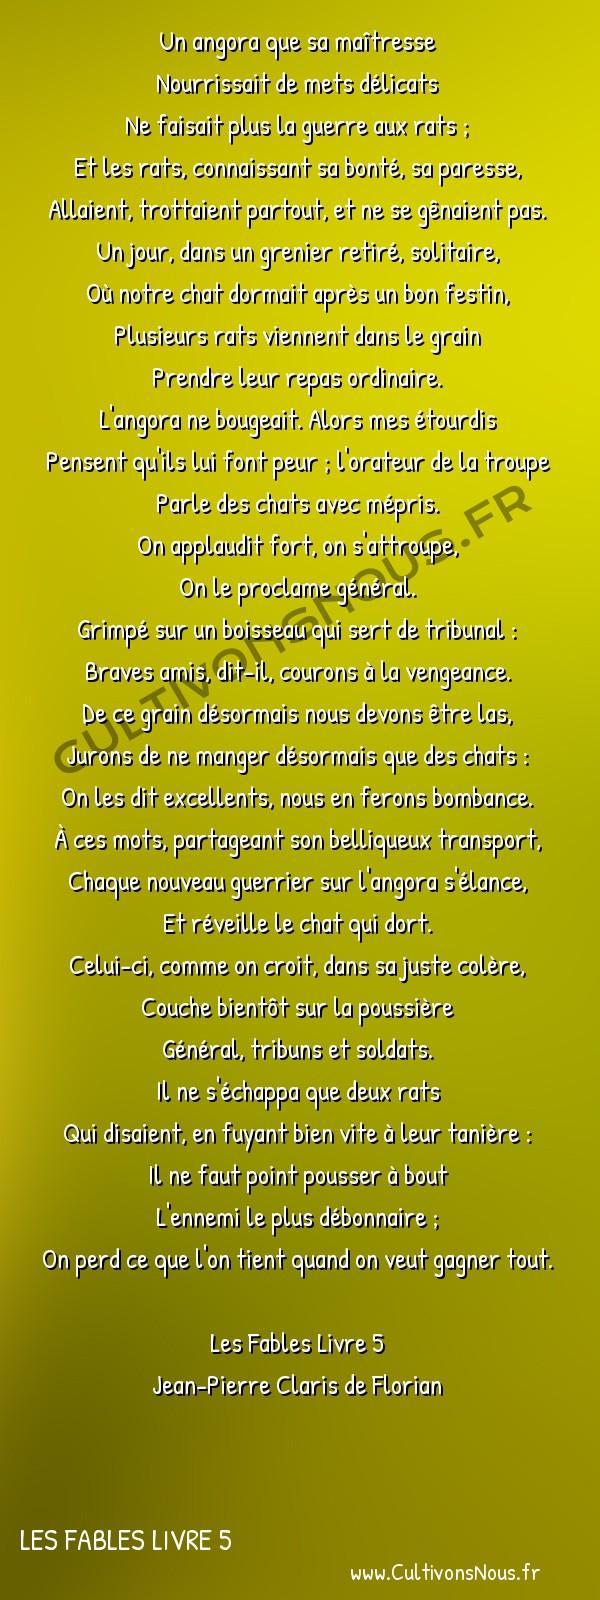 Poésie Jean-Pierre Claris de Florian - Les Fables Livre 5 - Le chat et les rats -  Un angora que sa maîtresse Nourrissait de mets délicats